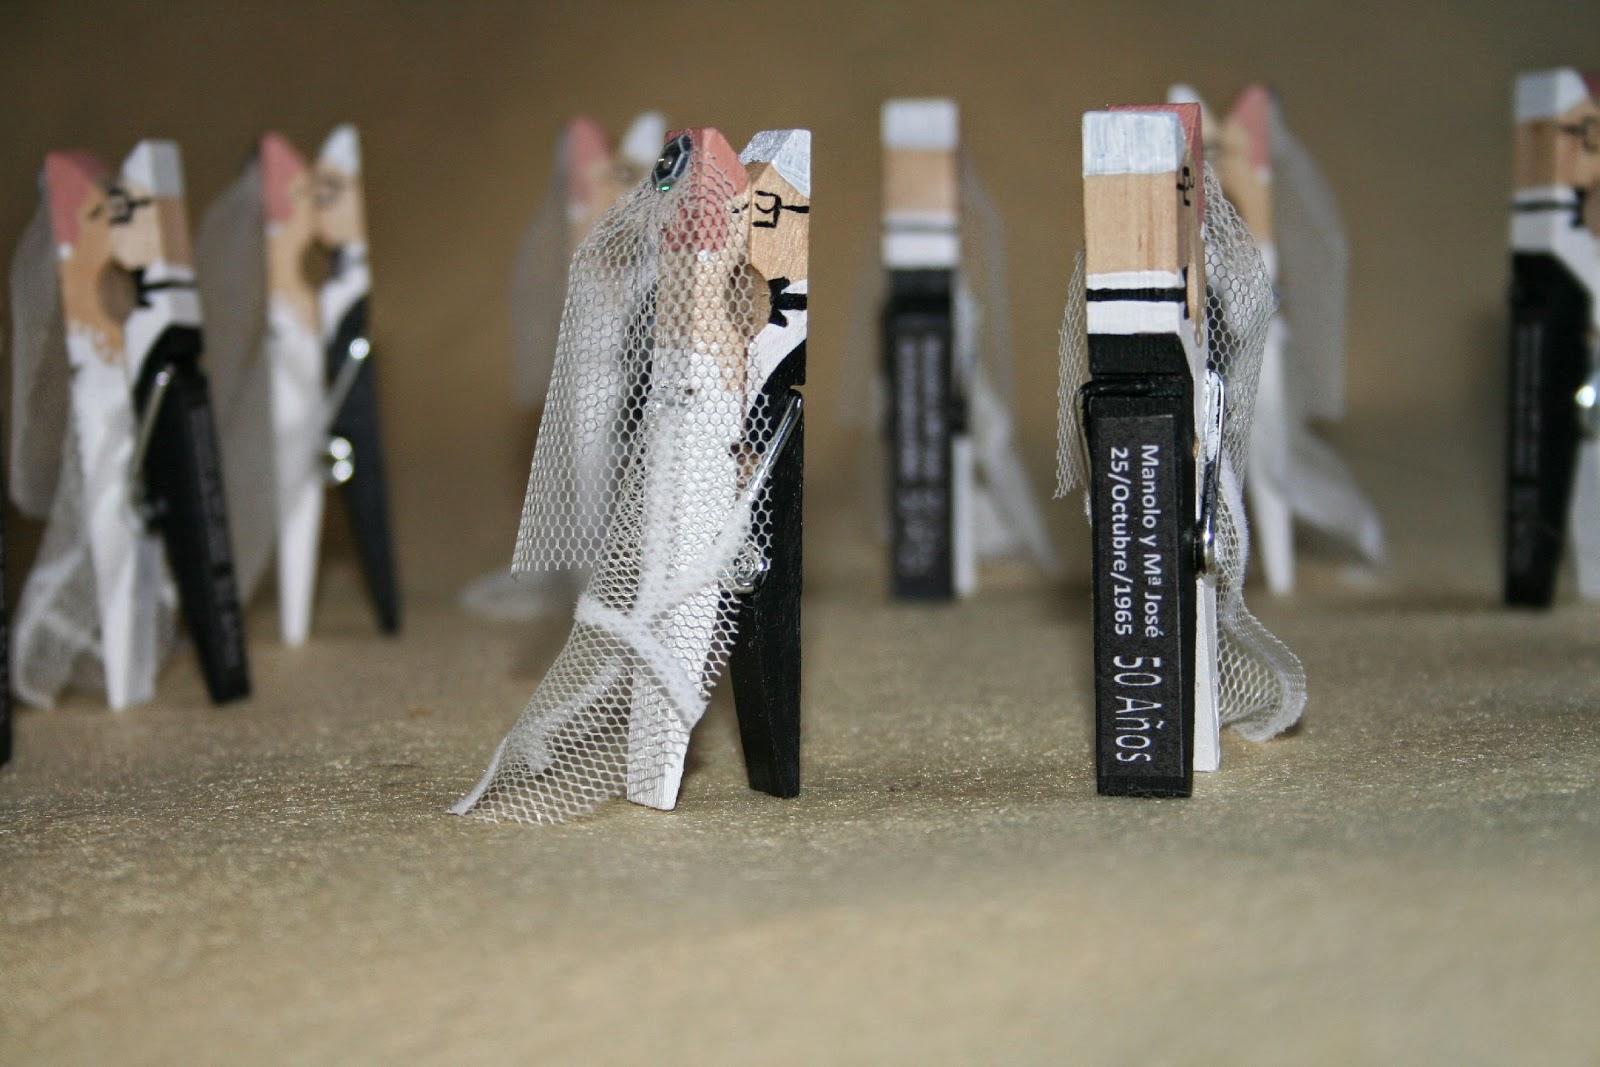 Manualidades mguaymar detalles especiales pinzas - Manualidades para una boda ...